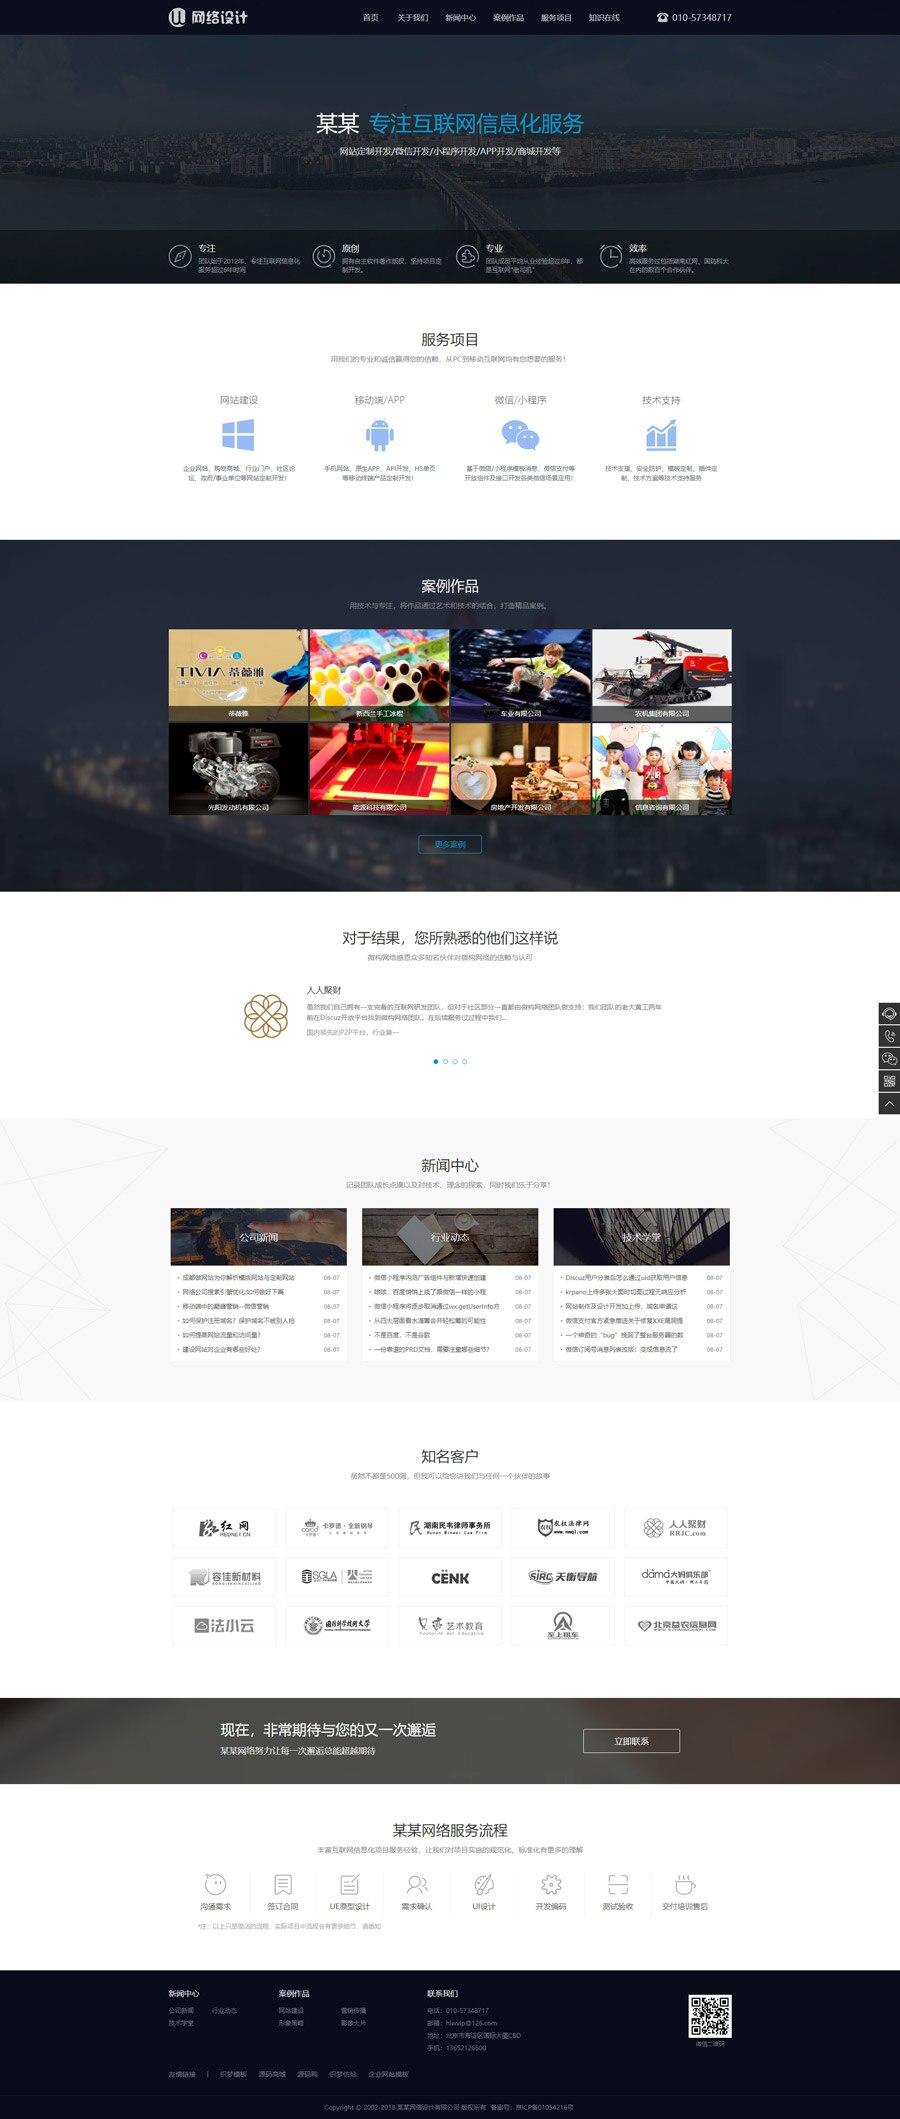 软件开发信息公司网站筱航科技免费模板